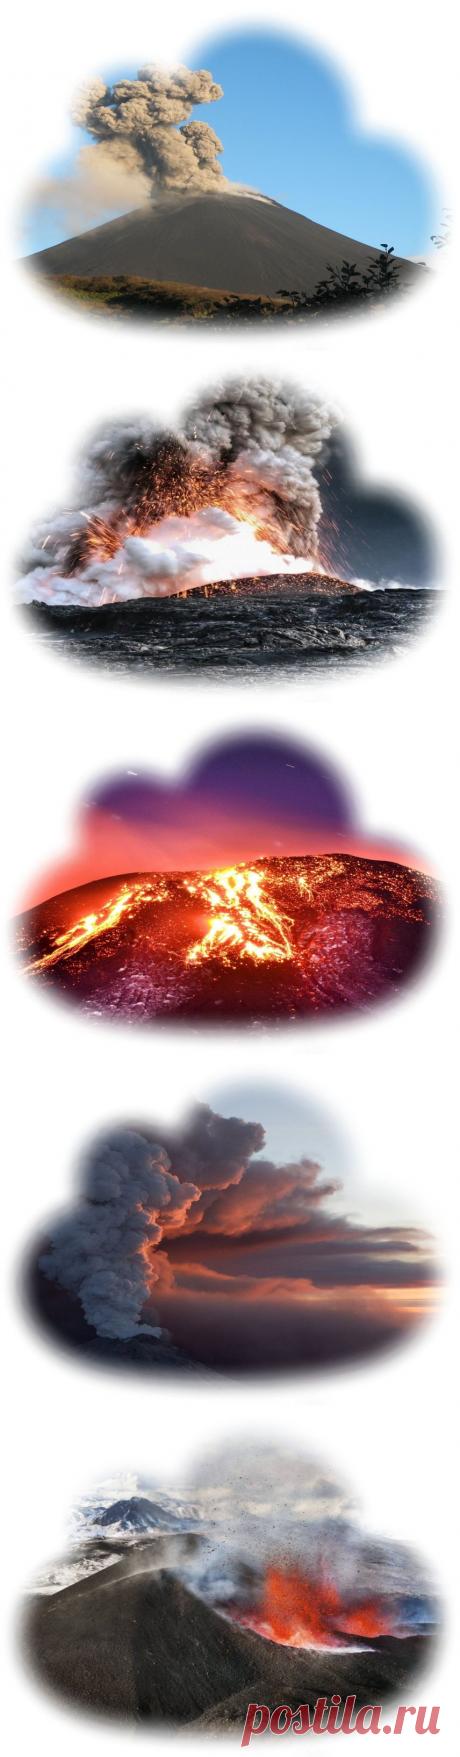 Значение сна про вулкан